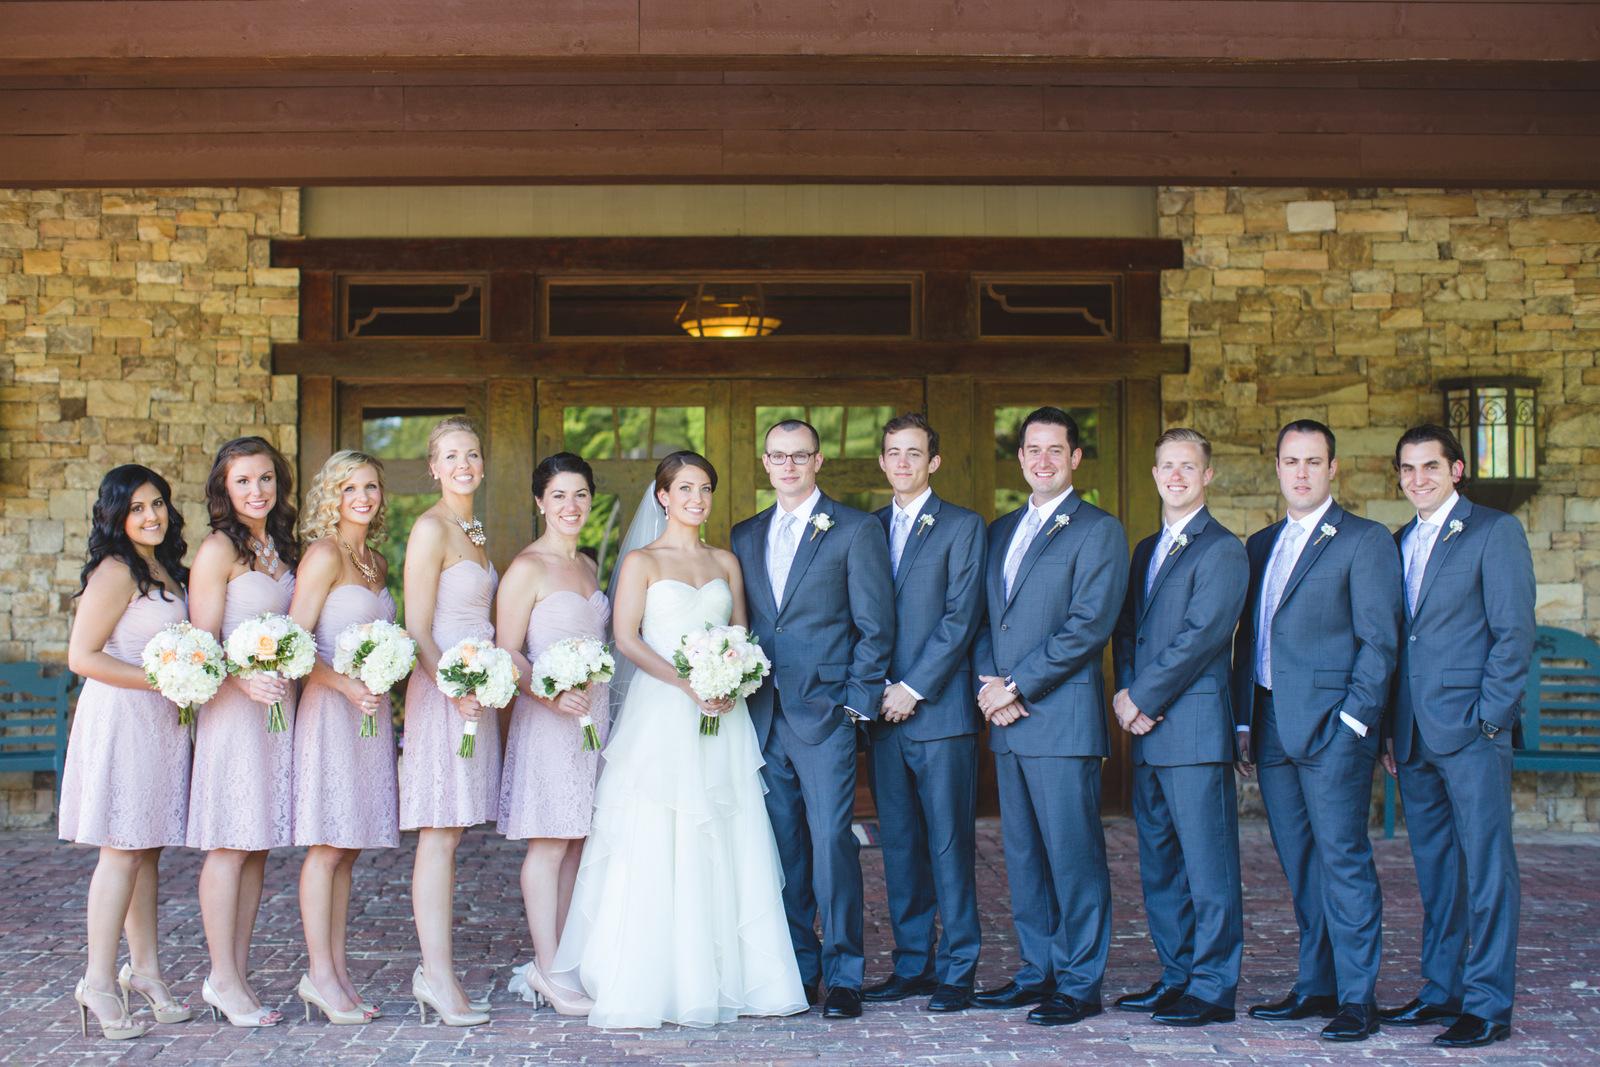 RyanKacie-weddingparty-1-103.jpg